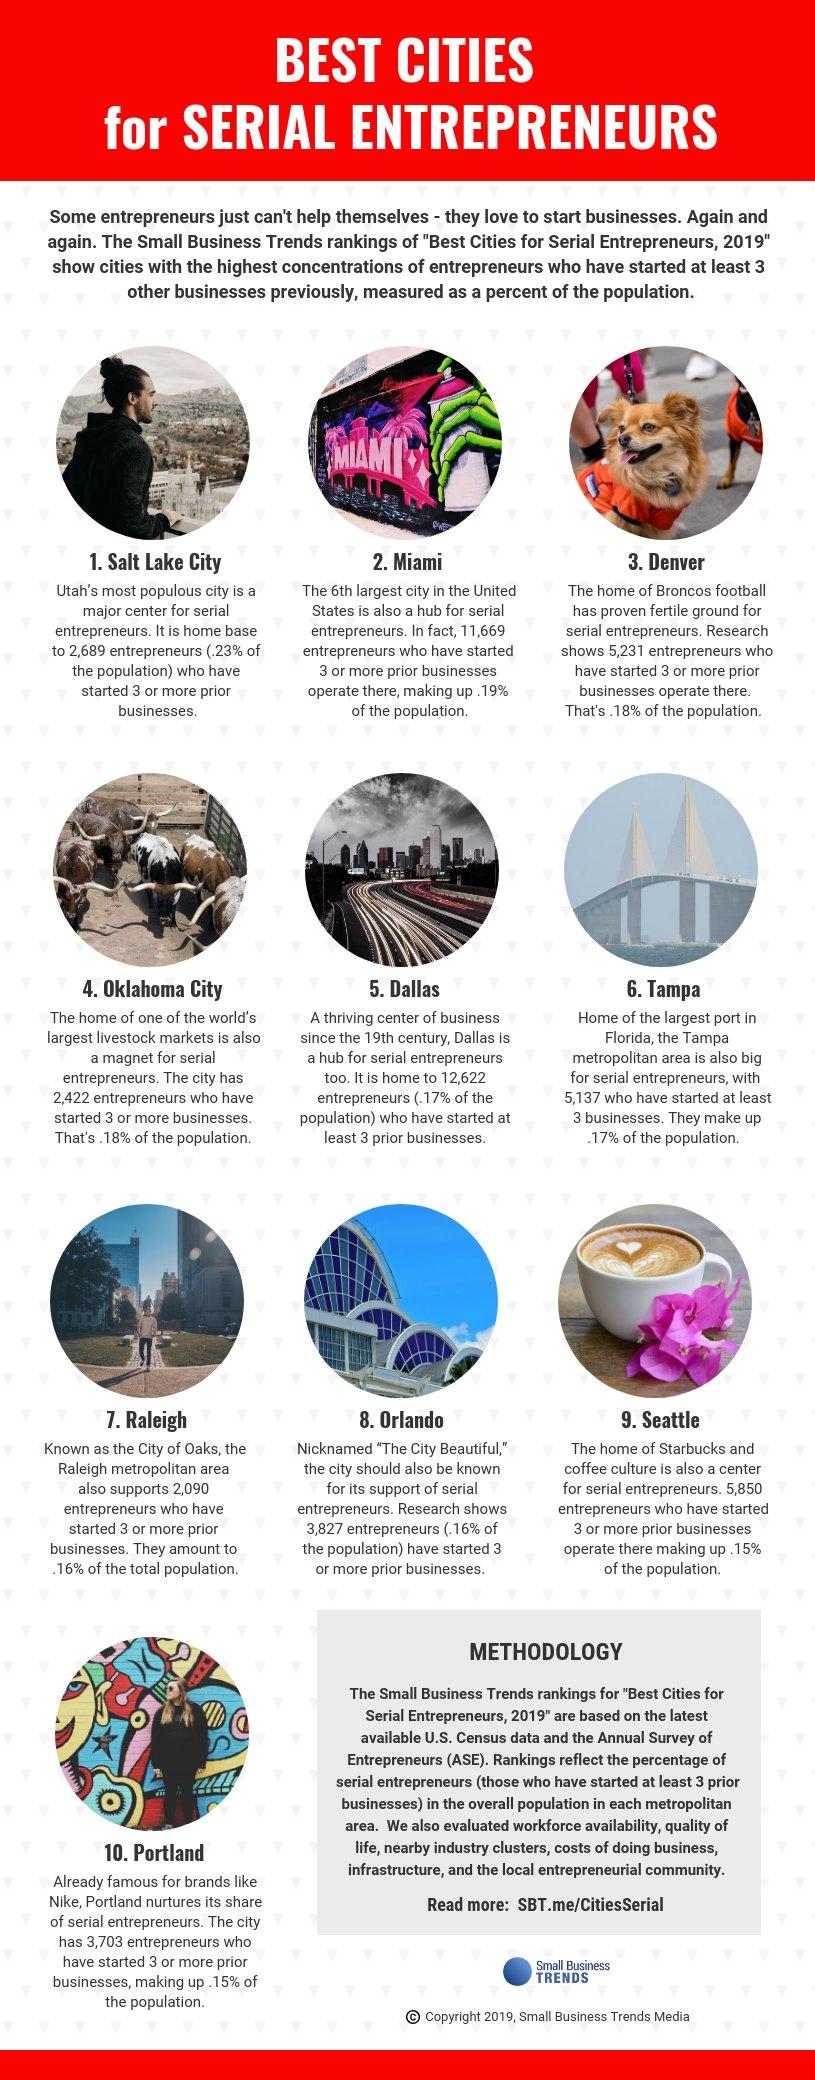 Best Cities for Serial Entrepreneurs